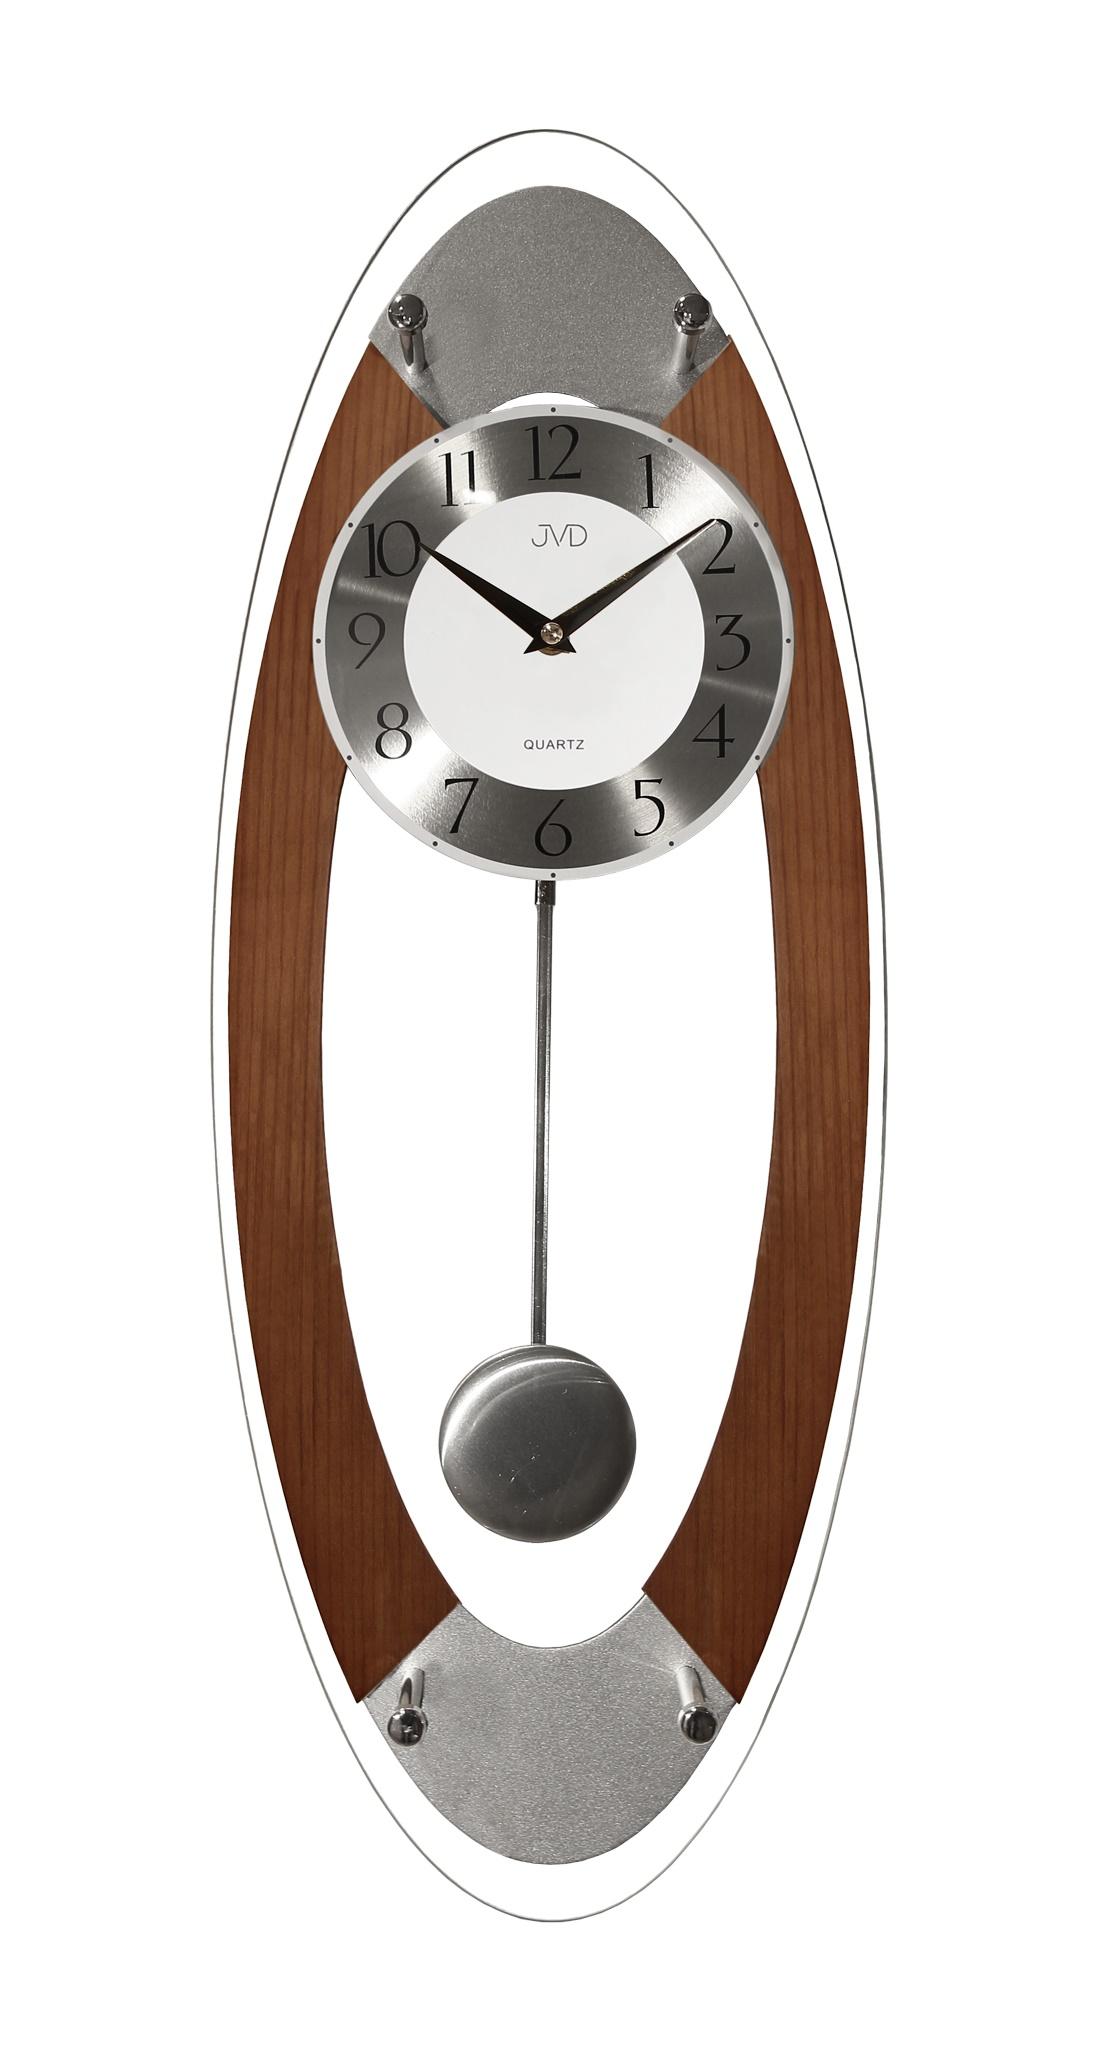 Kyvadlové dřevěné skleněné nástěnné hodiny JVD N16024/11 (POŠTOVNÉ ZDARMA!!)